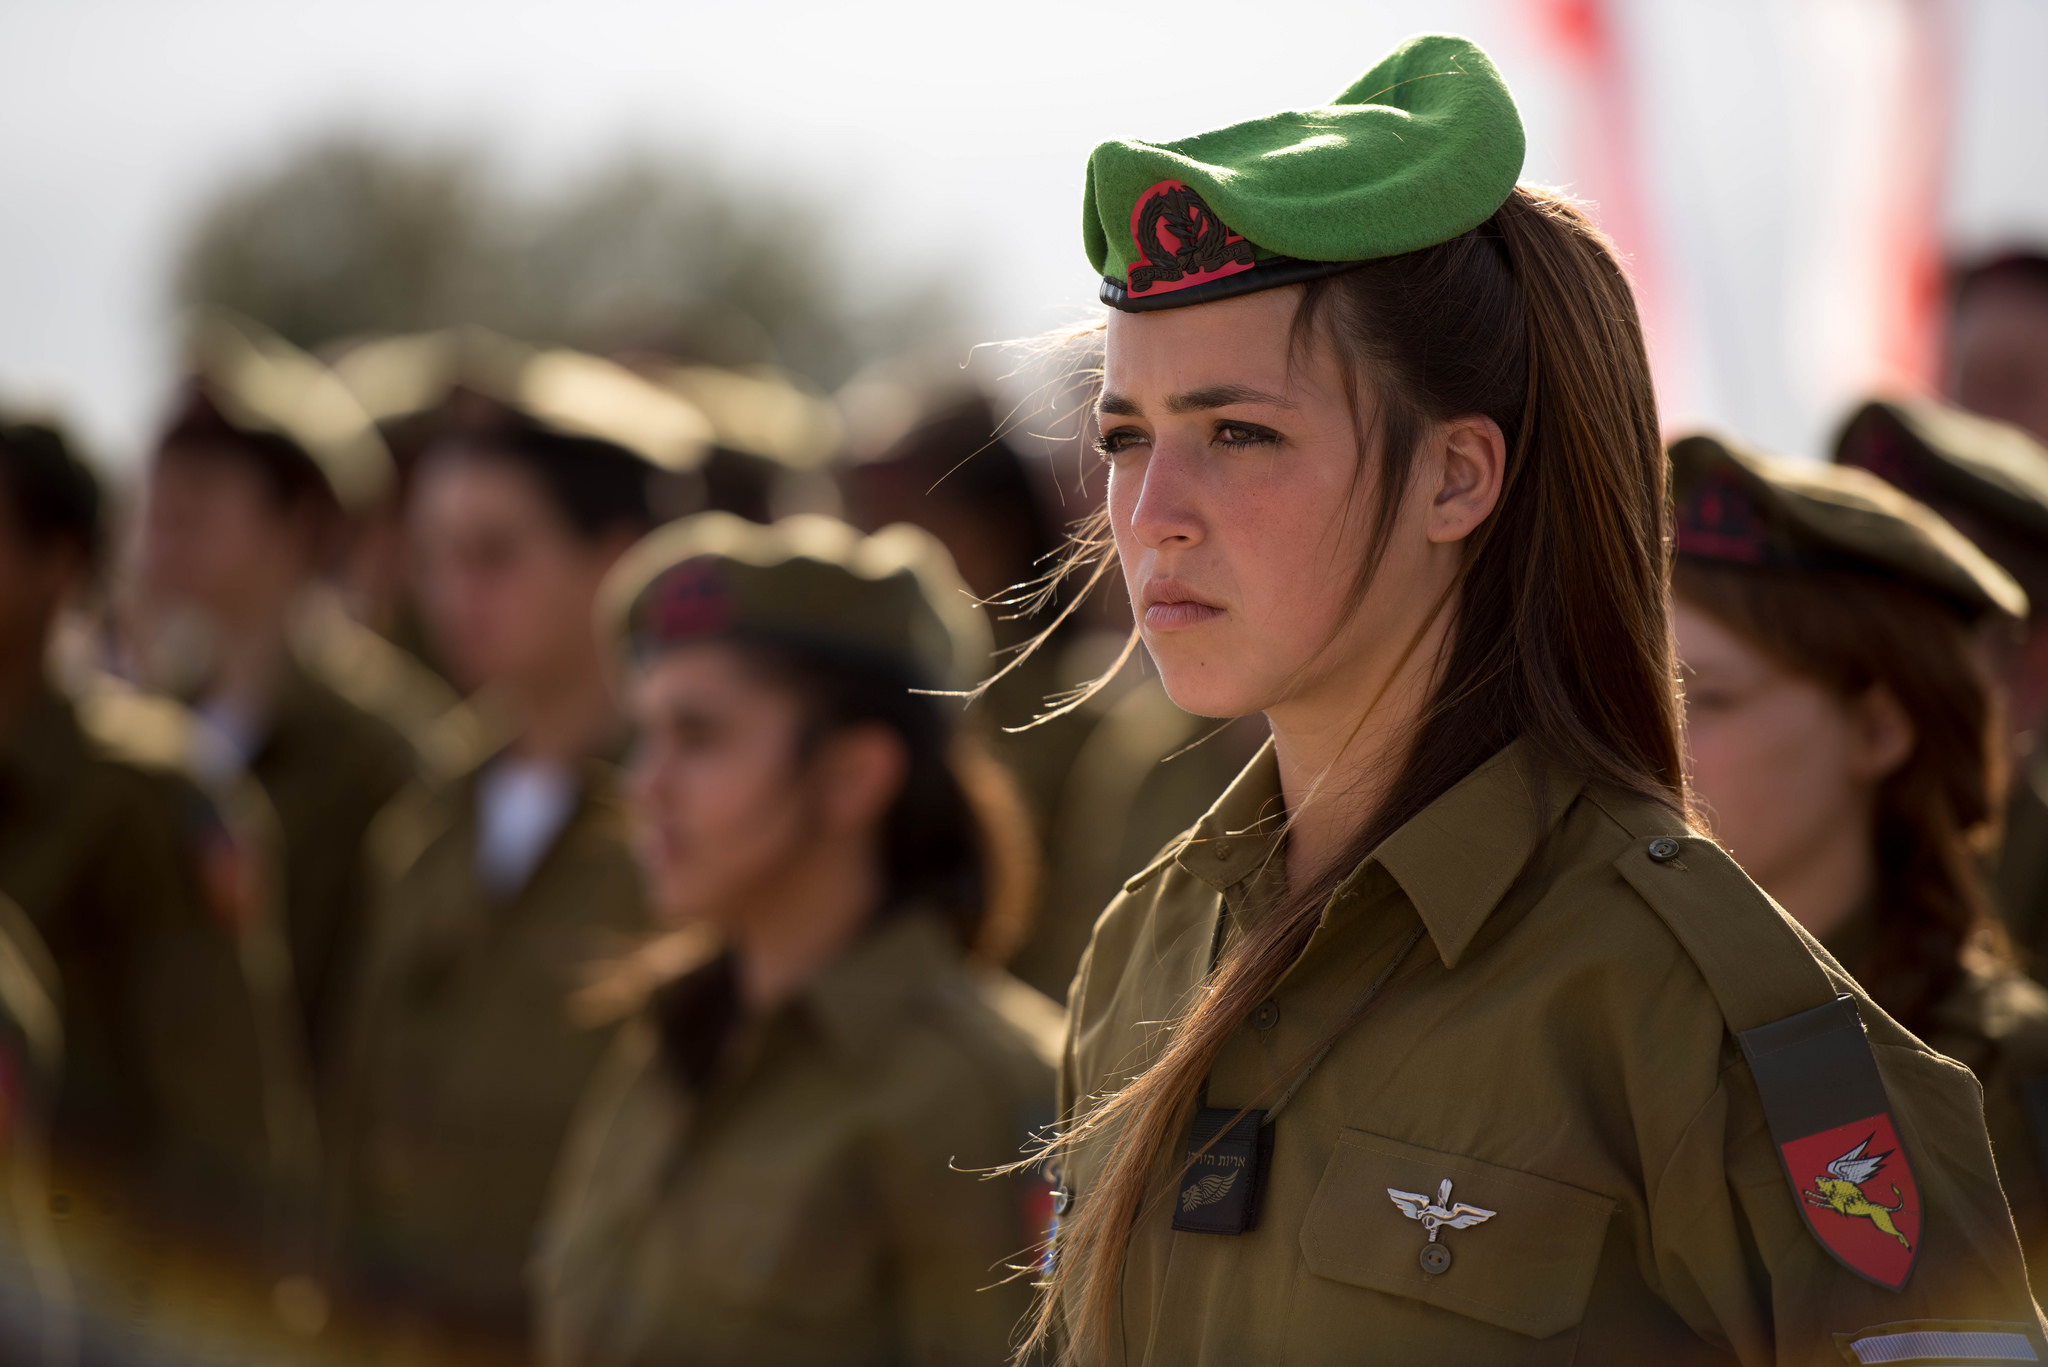 Прикольные картинки девушек военных, танюша доброе утро